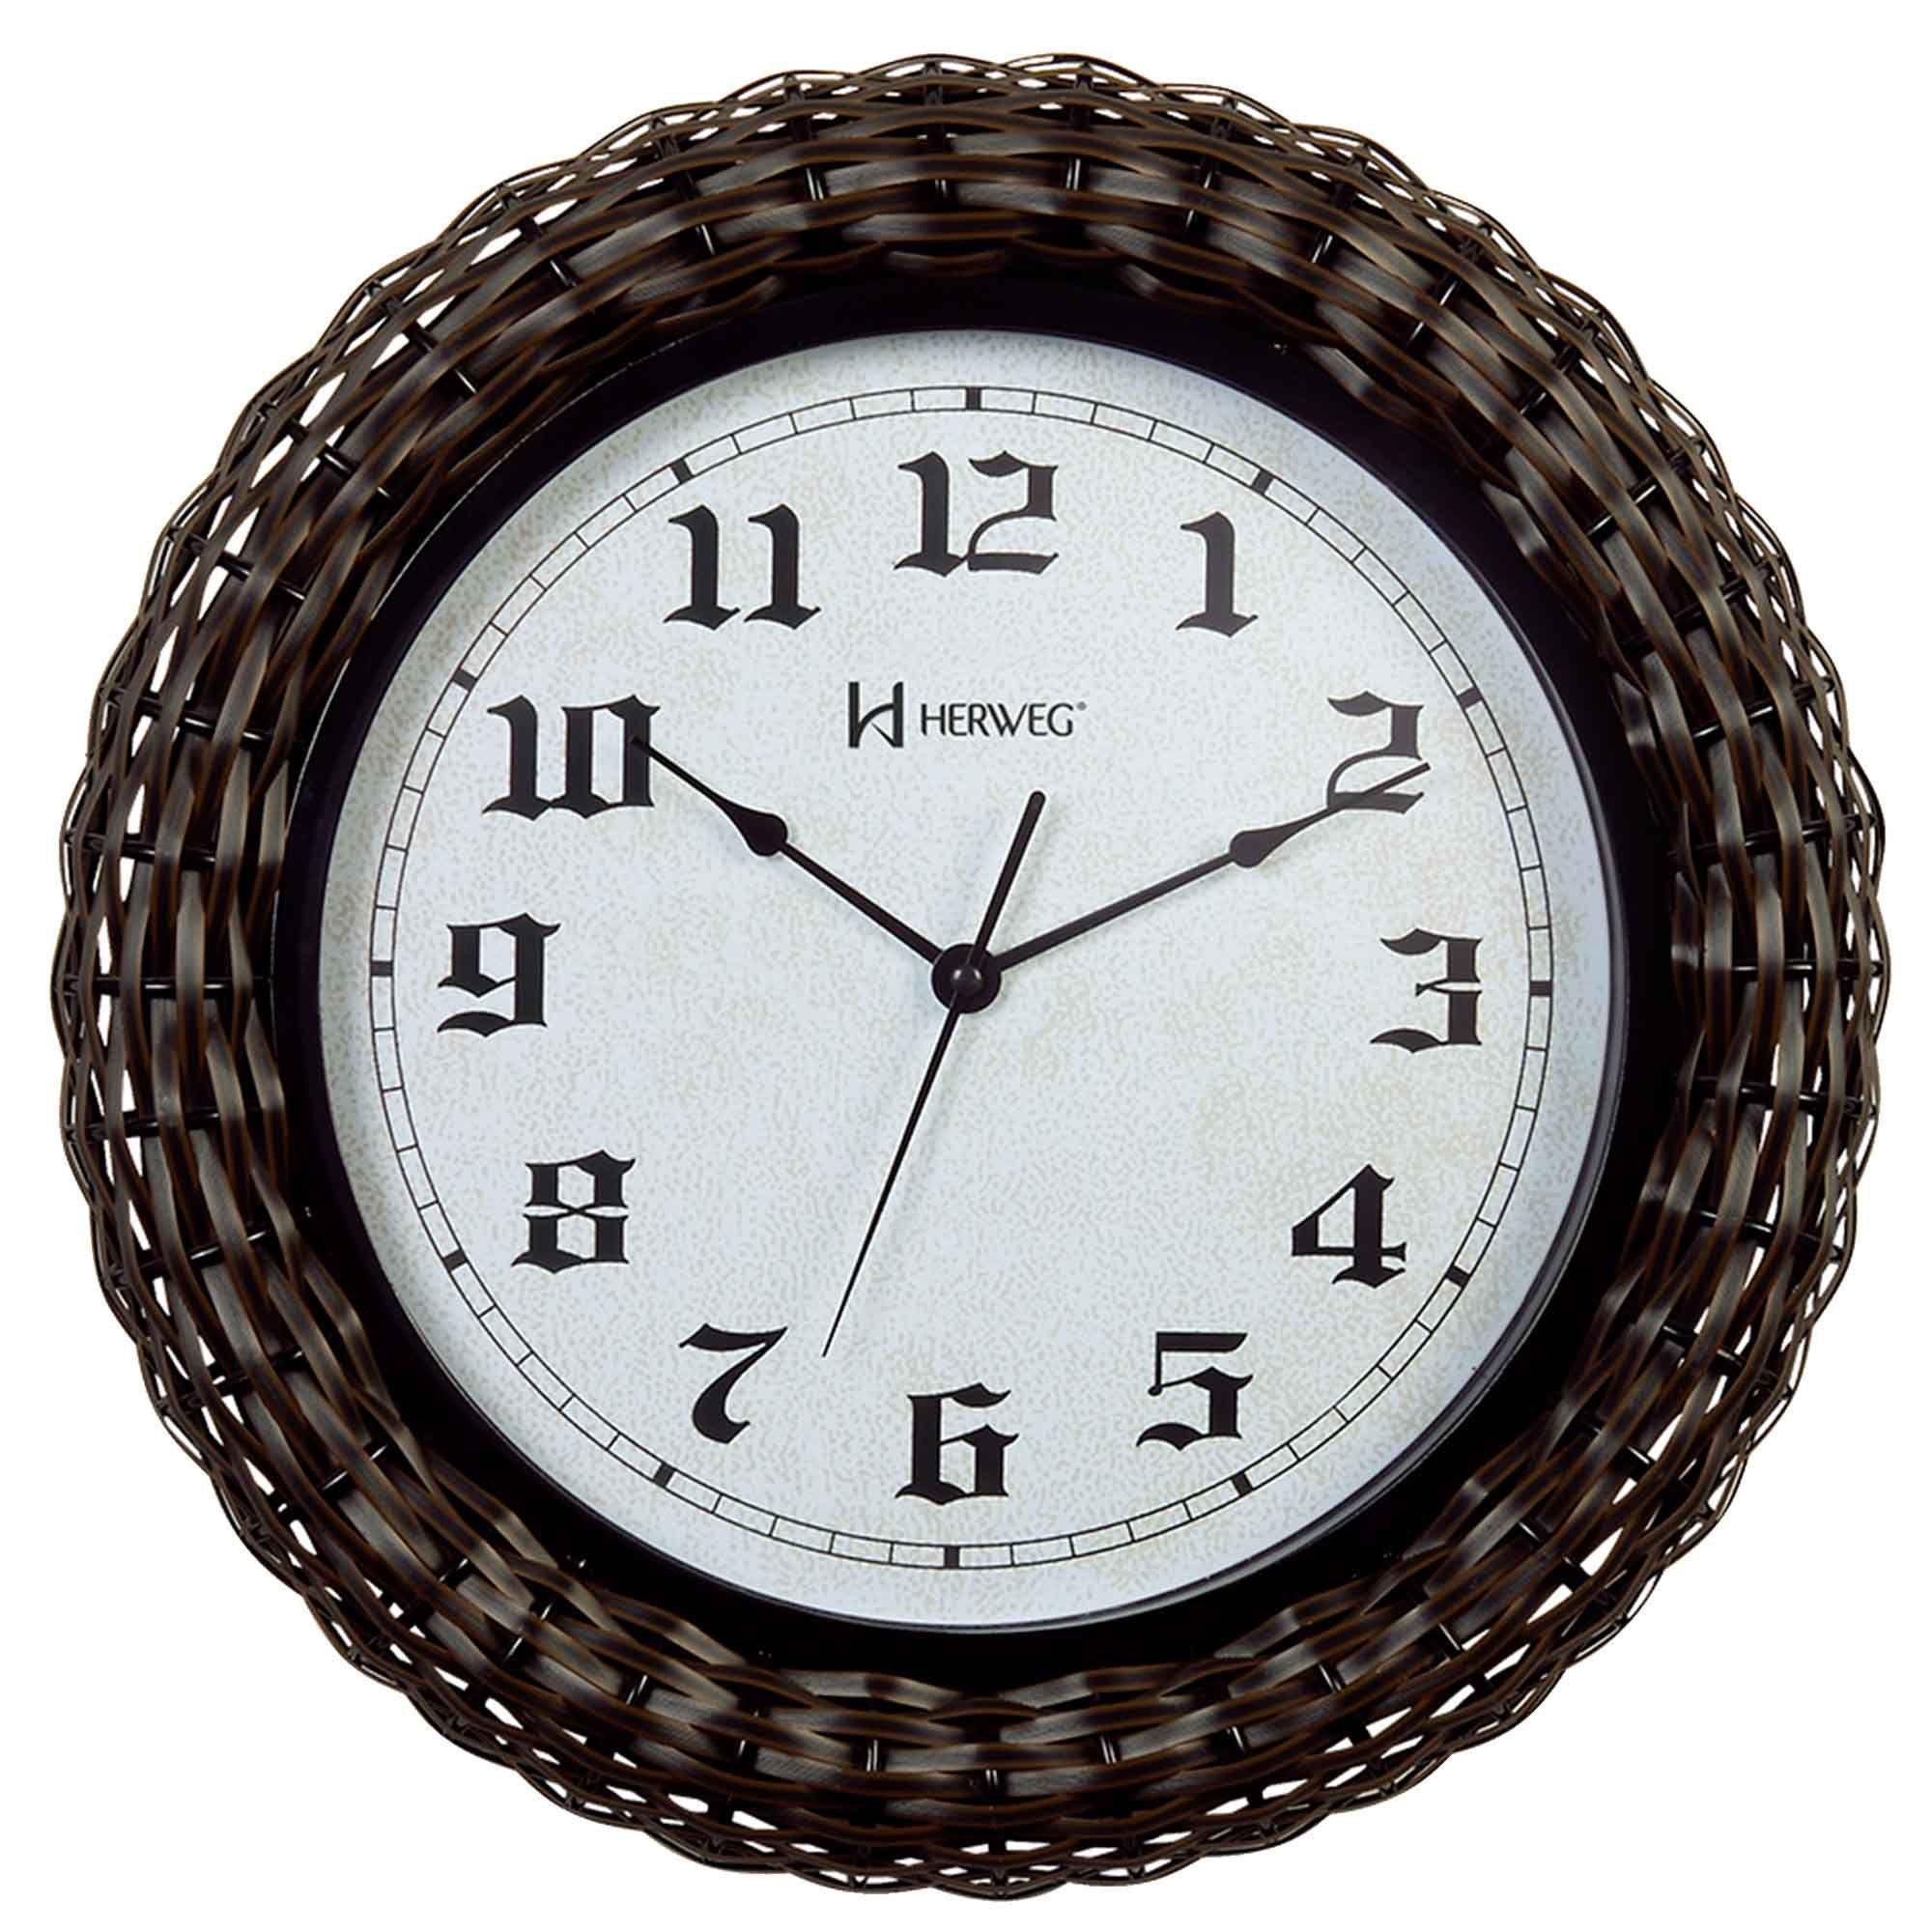 Relógio de Parede Analógico Herweg 6361 034 Preto e Marrom